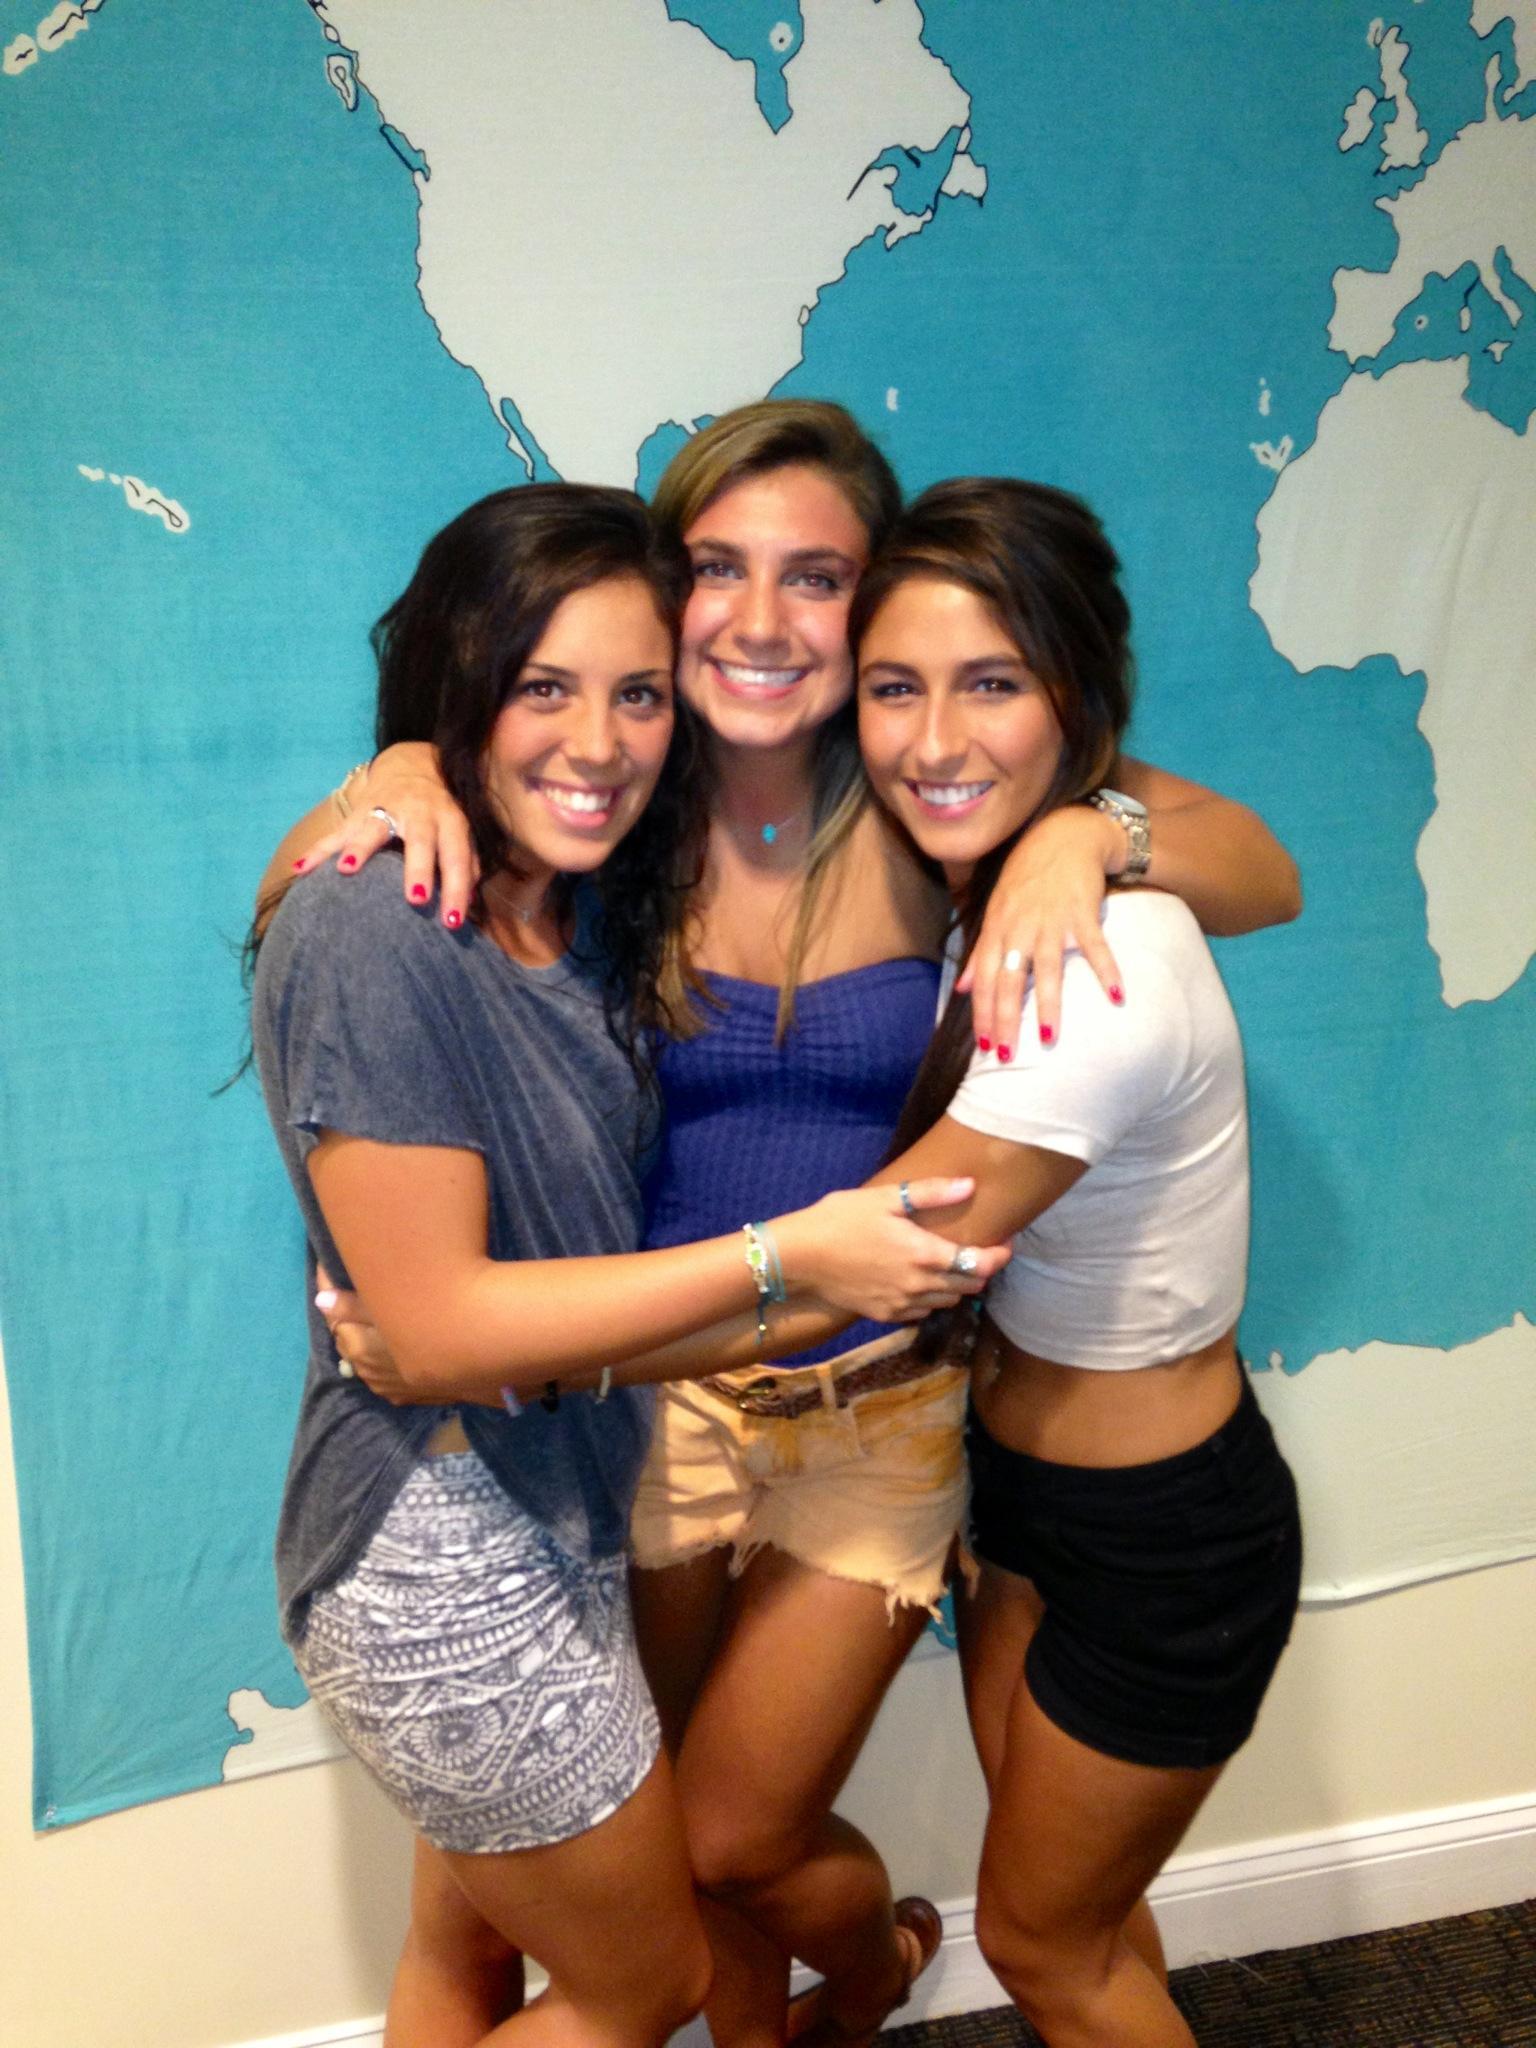 Taylor with her bridesmaids, Kirsten and Lauren.